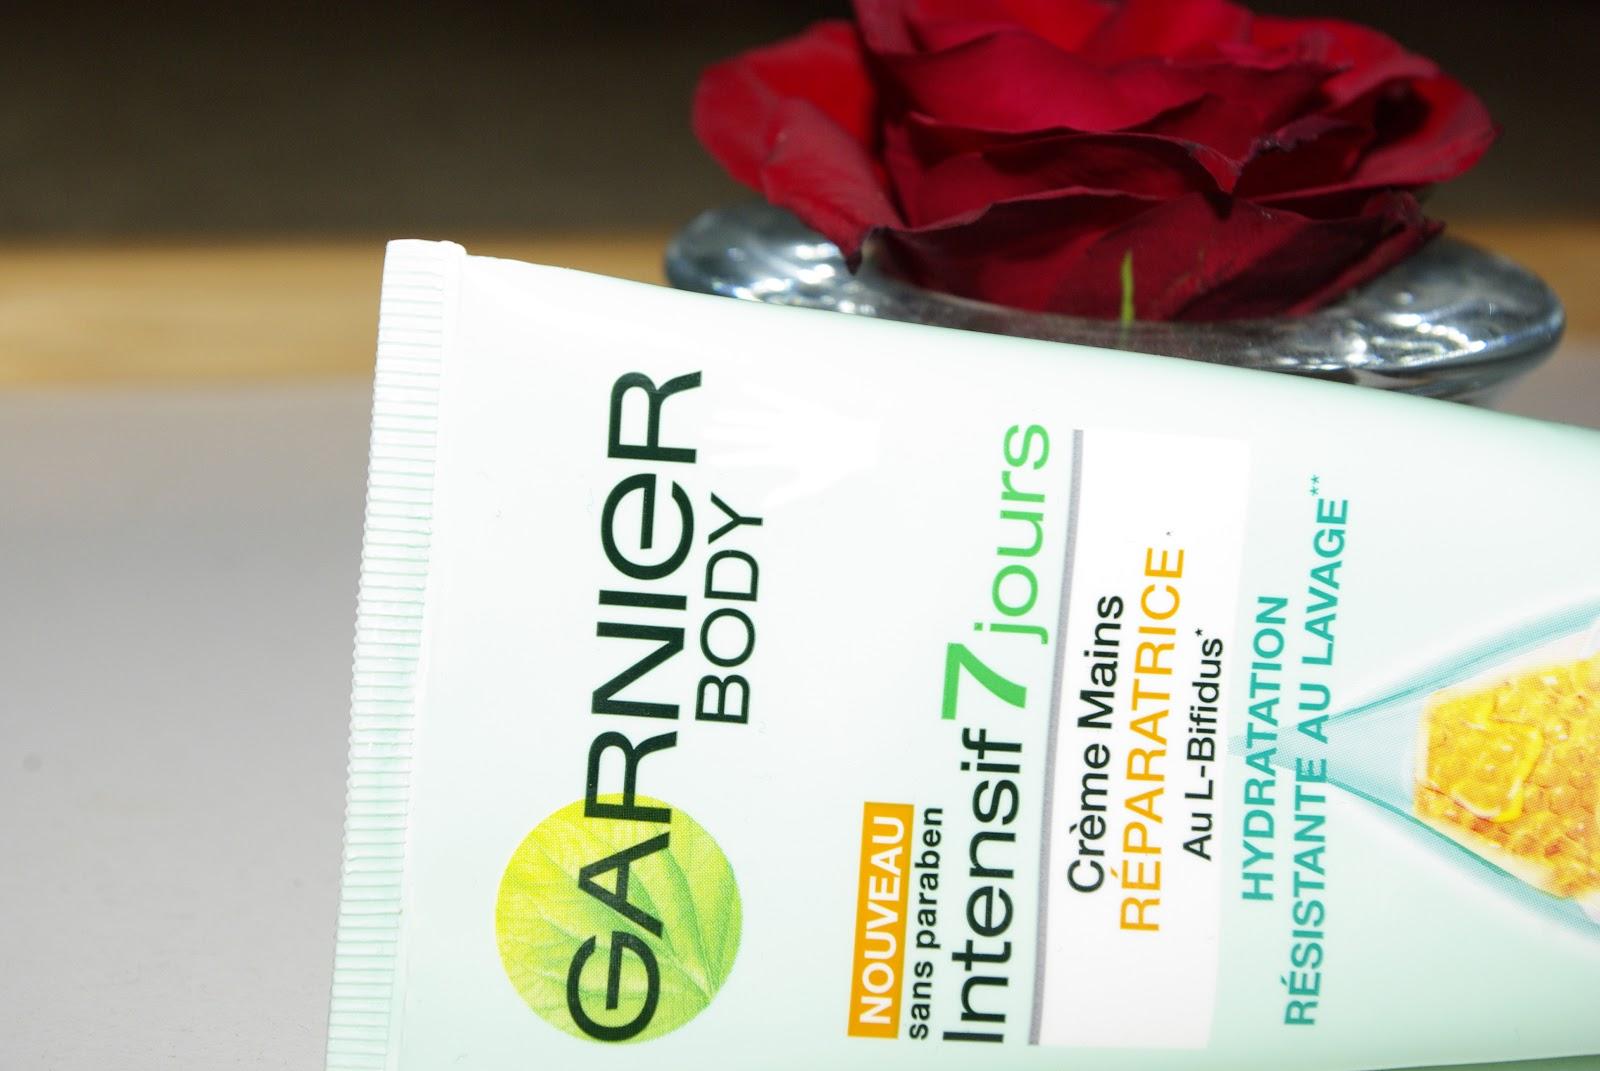 Garnier - Odżyweczy krem do rąk, intensywne 7 dni.